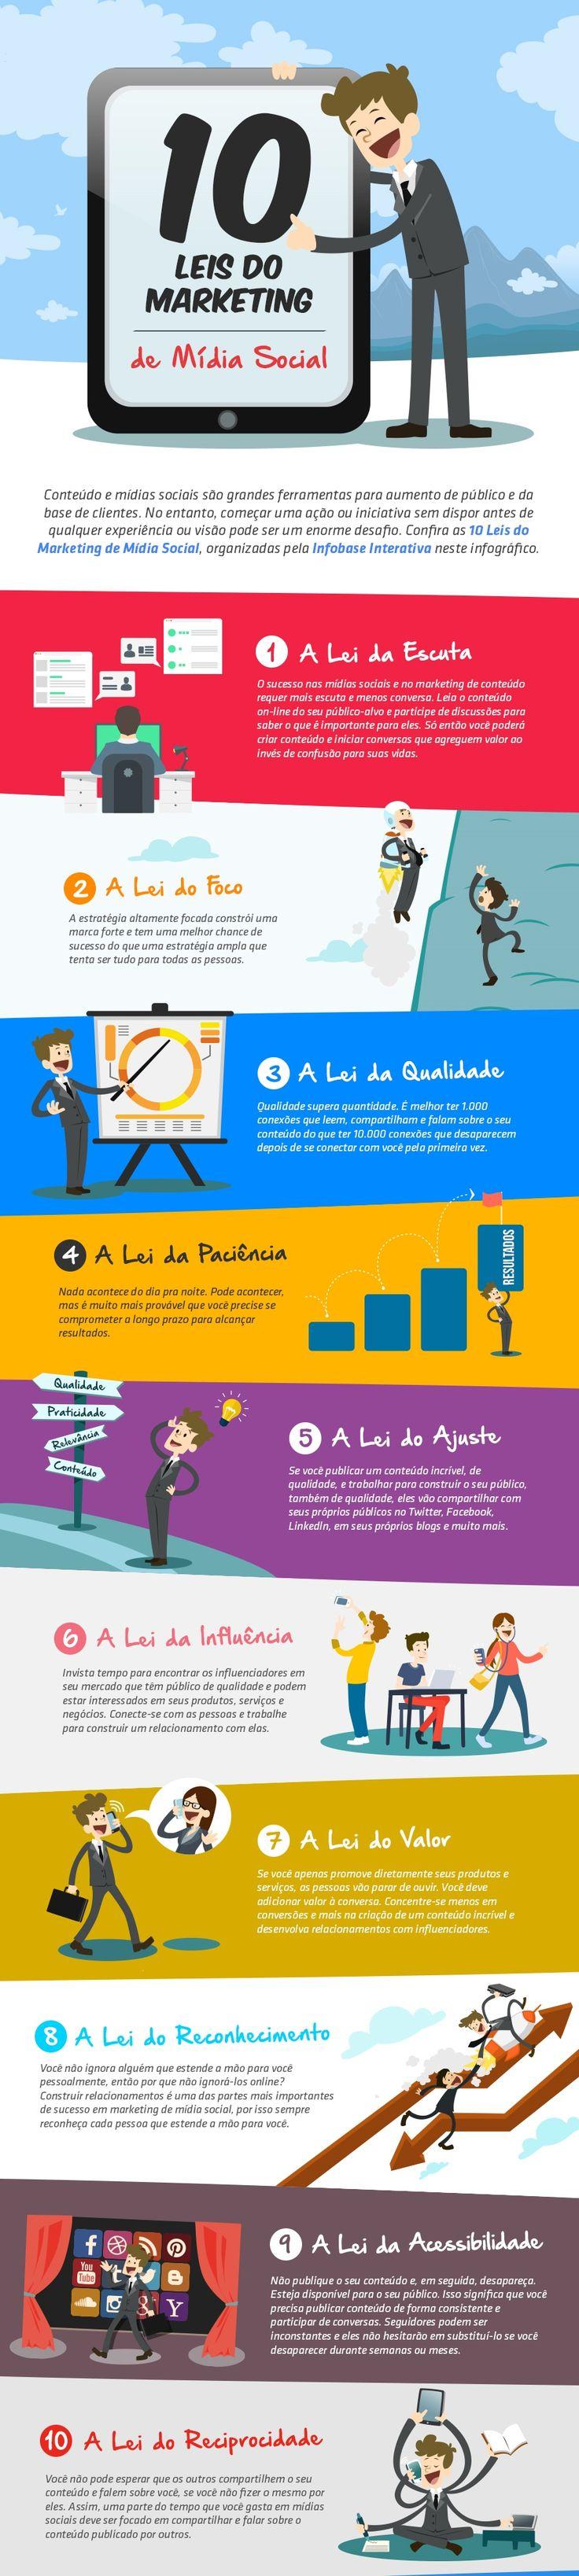 10 leis do Marketing nas redes sociais digitais